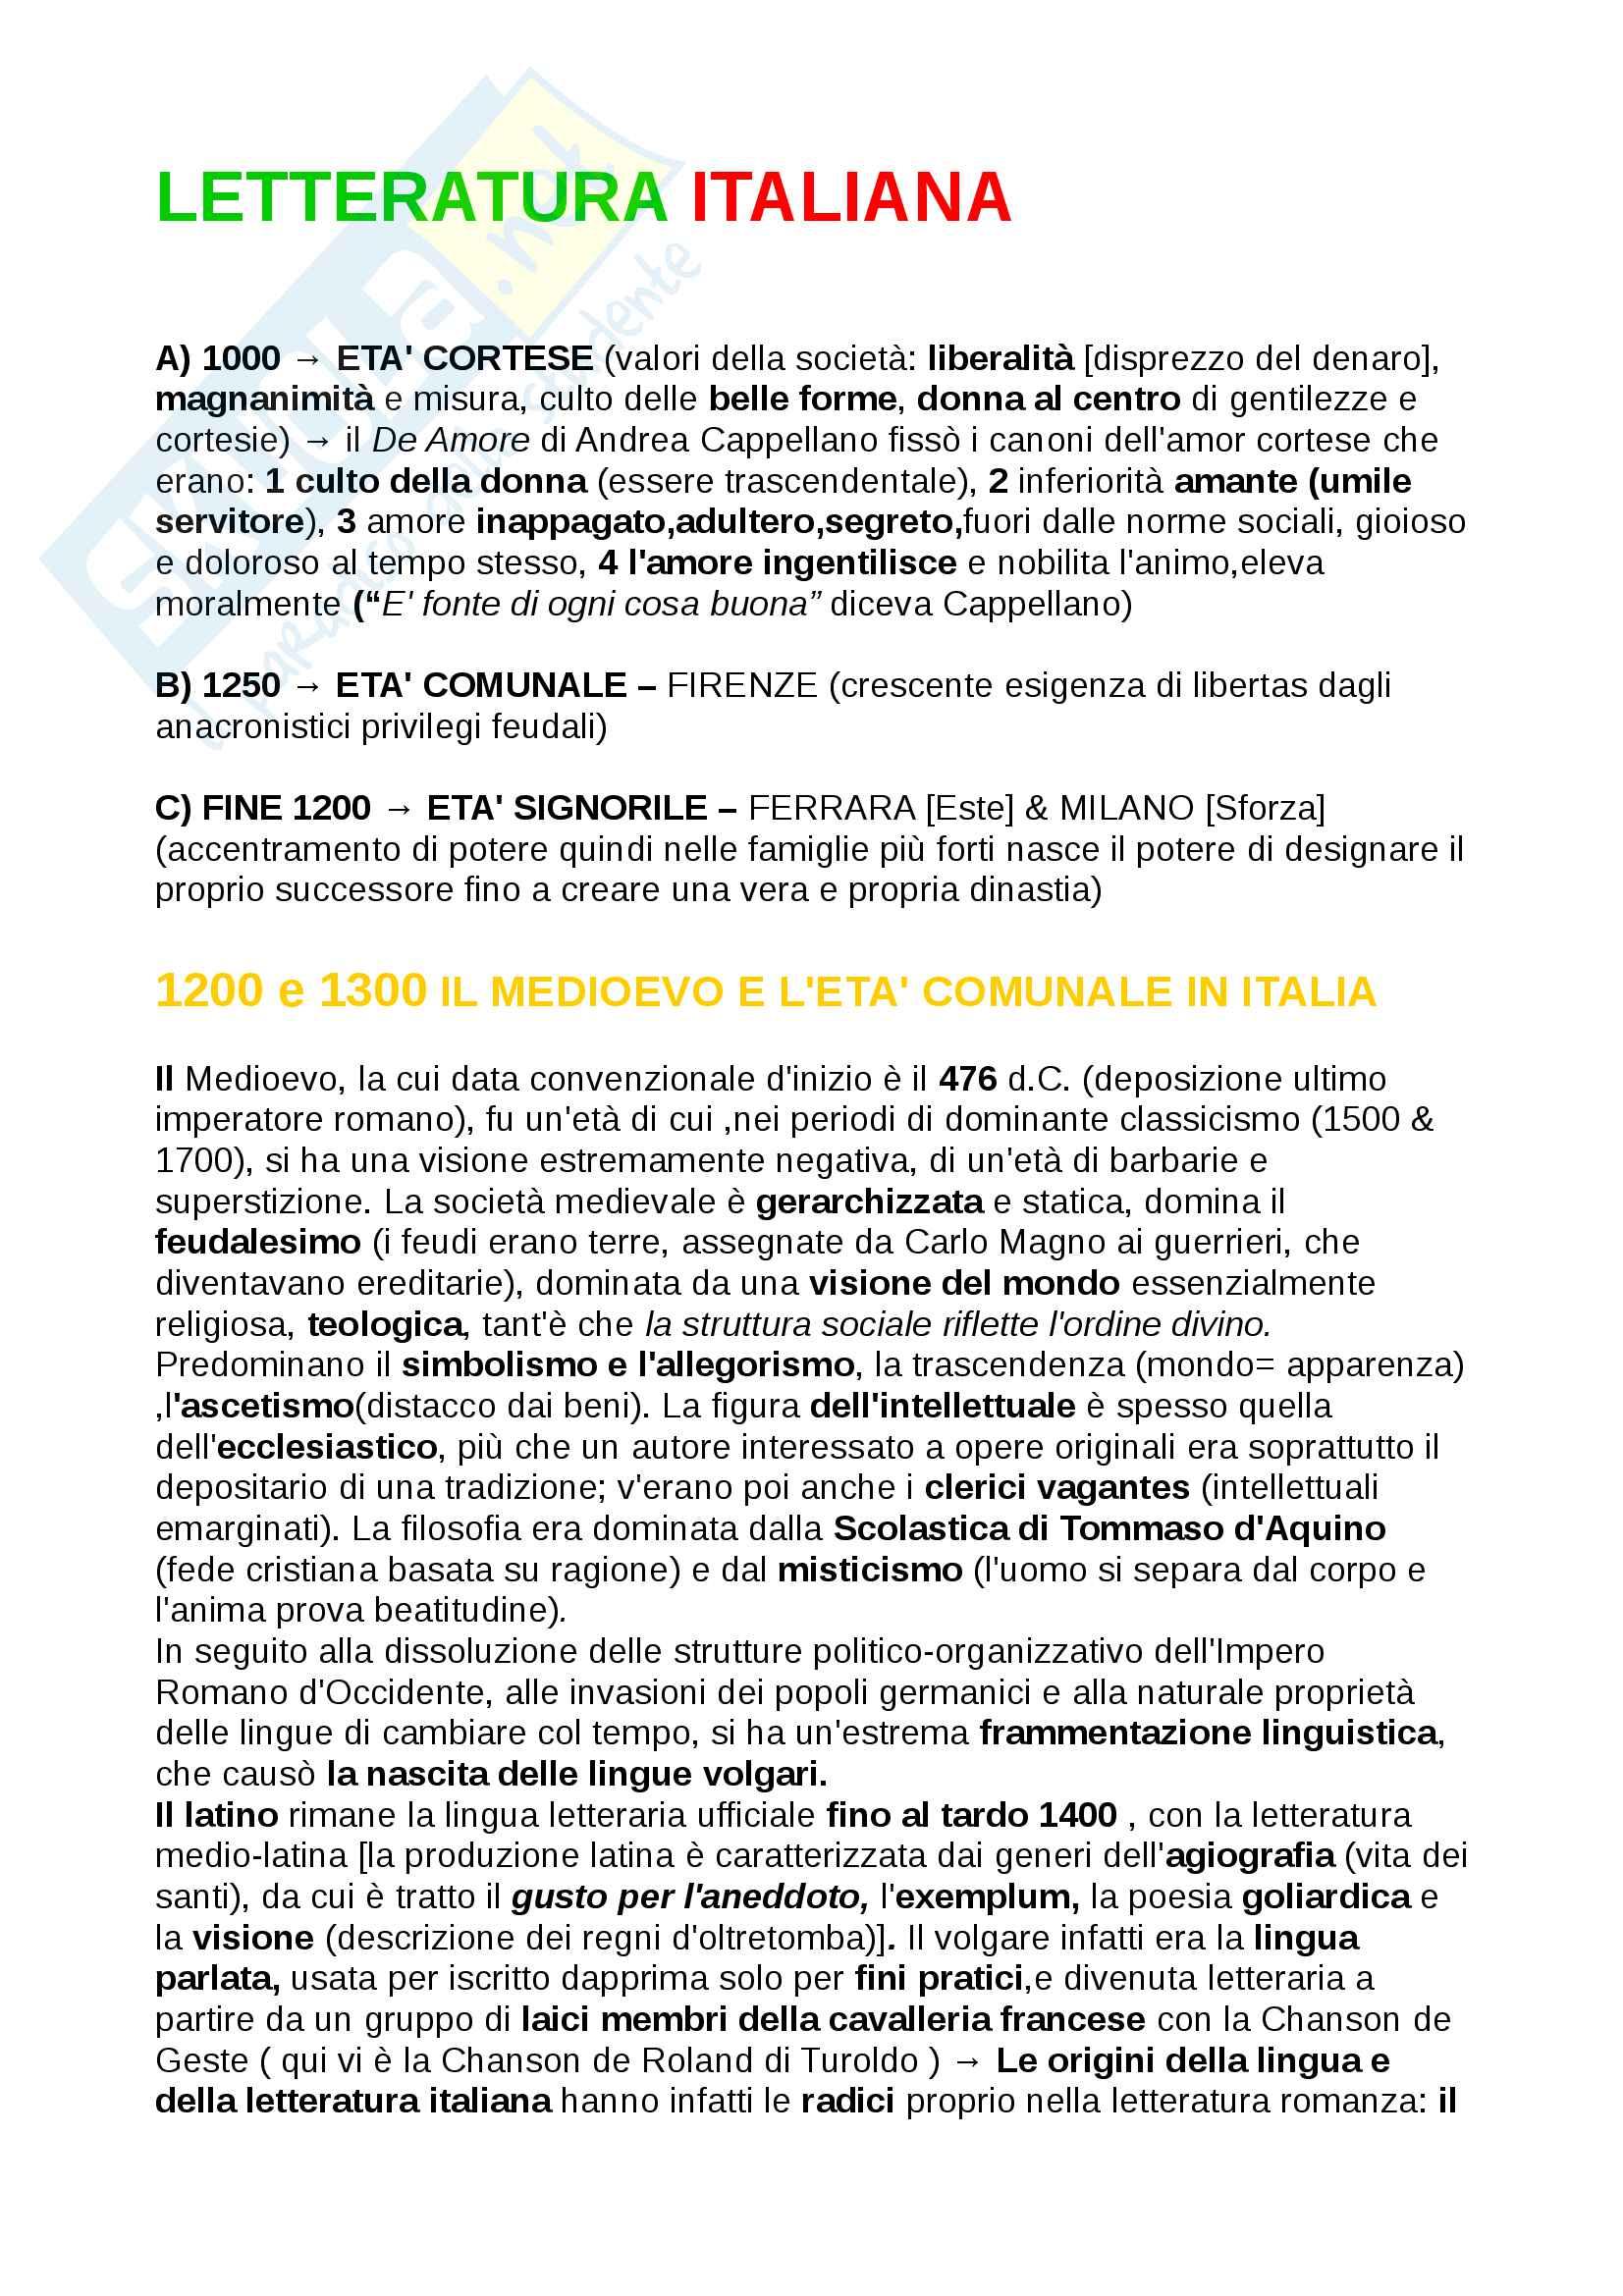 Riassunti Letteratura Italiana dalle Origini al 1300, libro consigliato 1° Baldi , con analisi dei testi, introduzione agli autori e opere, contesti storici, prof. Oliva